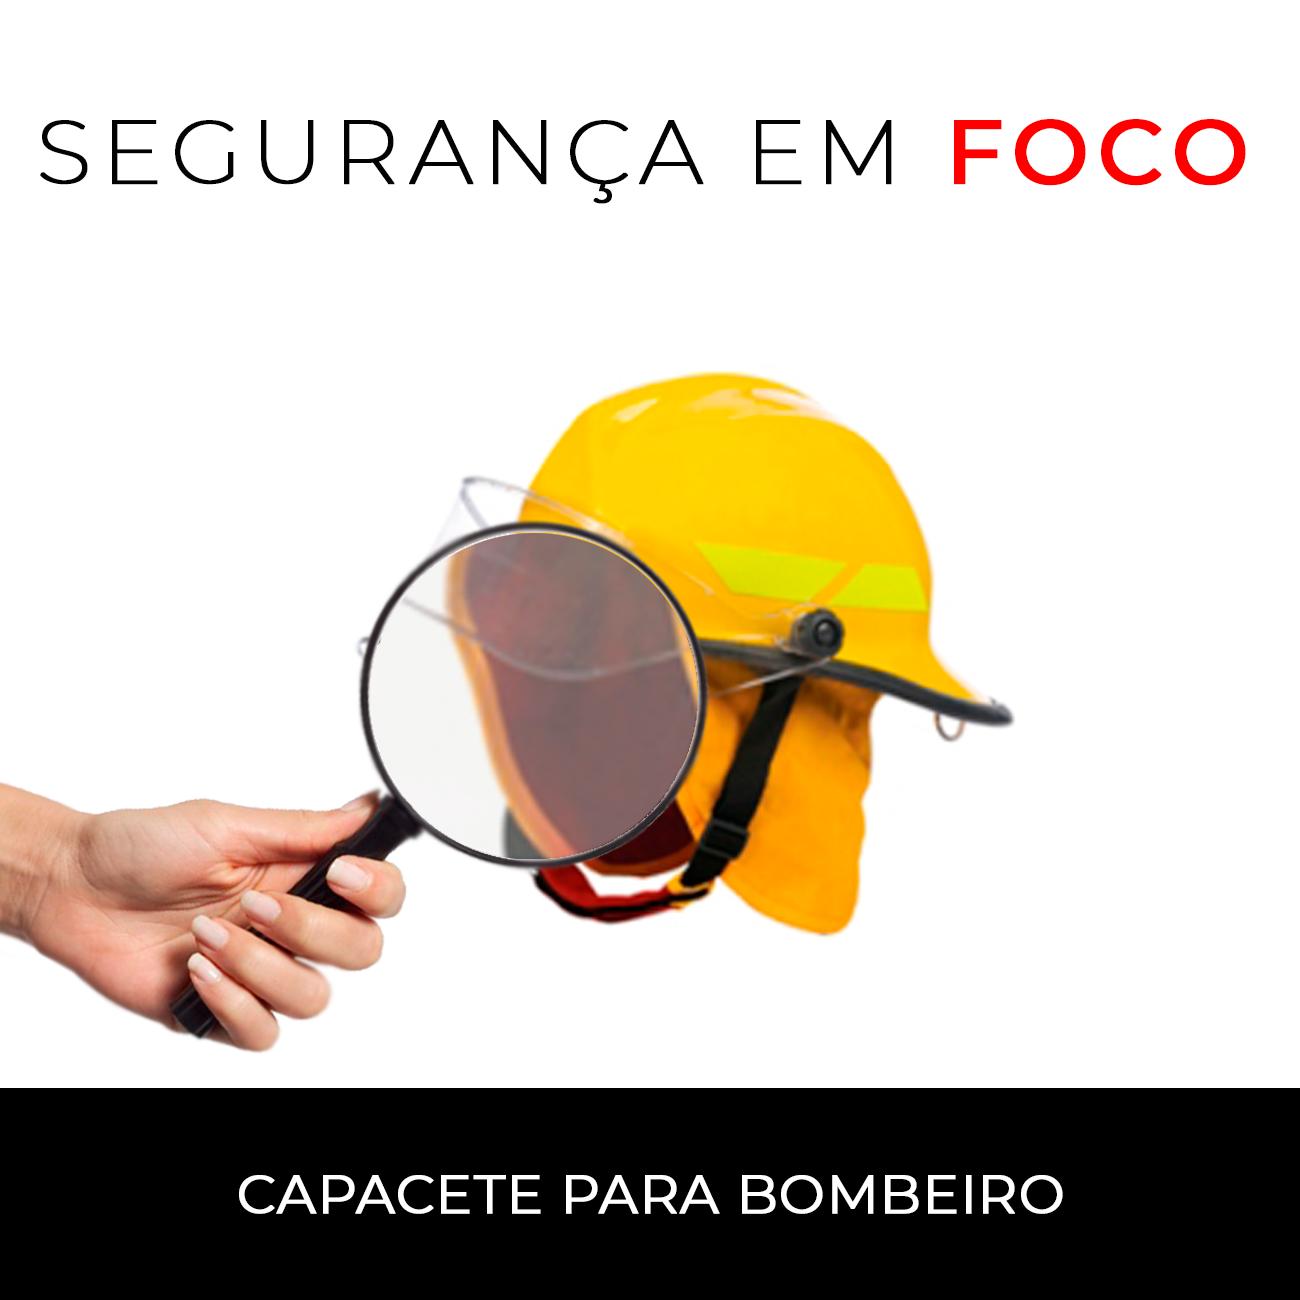 4133c9348512c Segurança em Foco  capacete para bombeiro